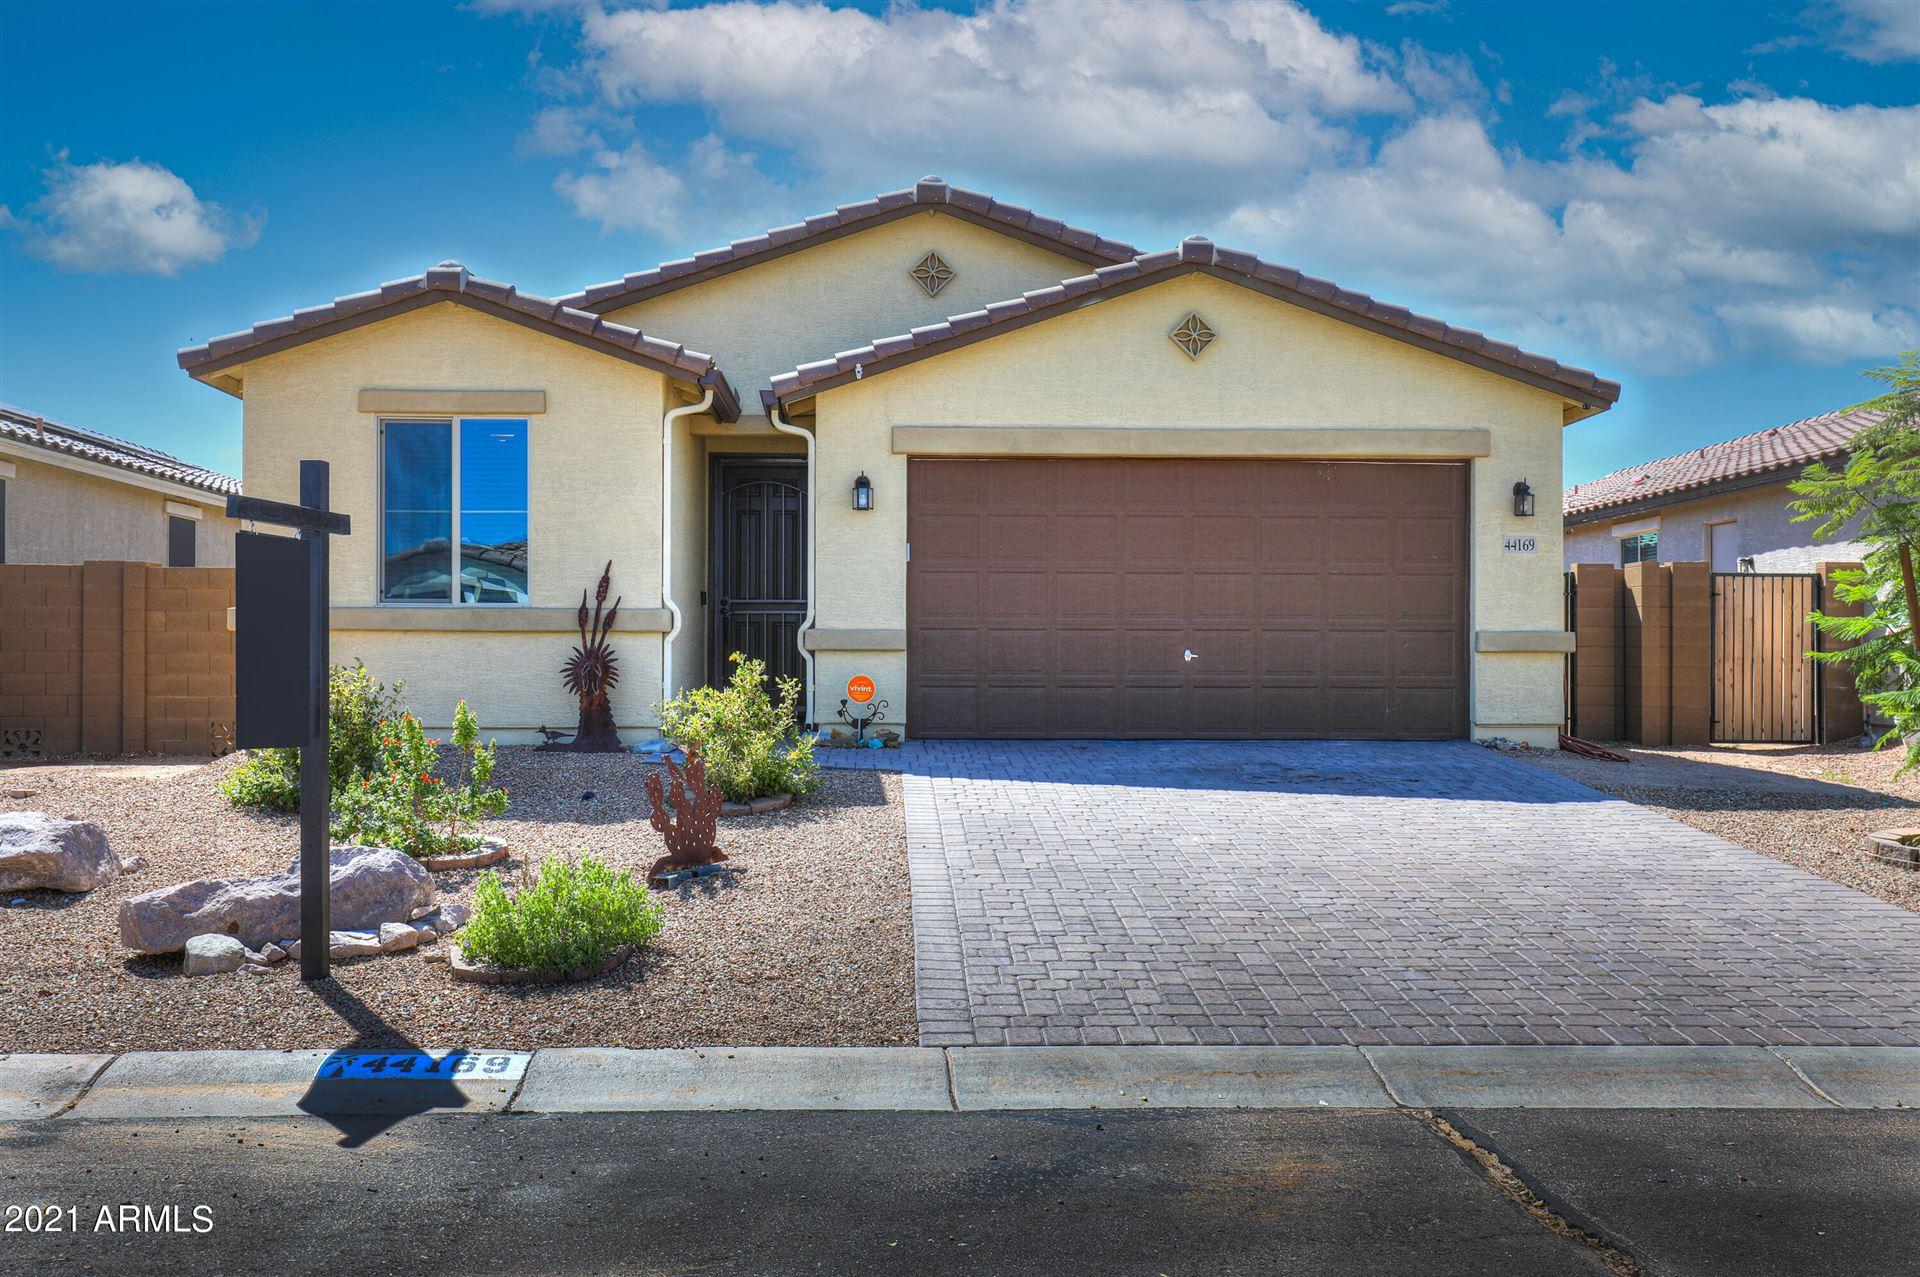 Photo for 44169 W PALO ALISO Way, Maricopa, AZ 85138 (MLS # 6291676)